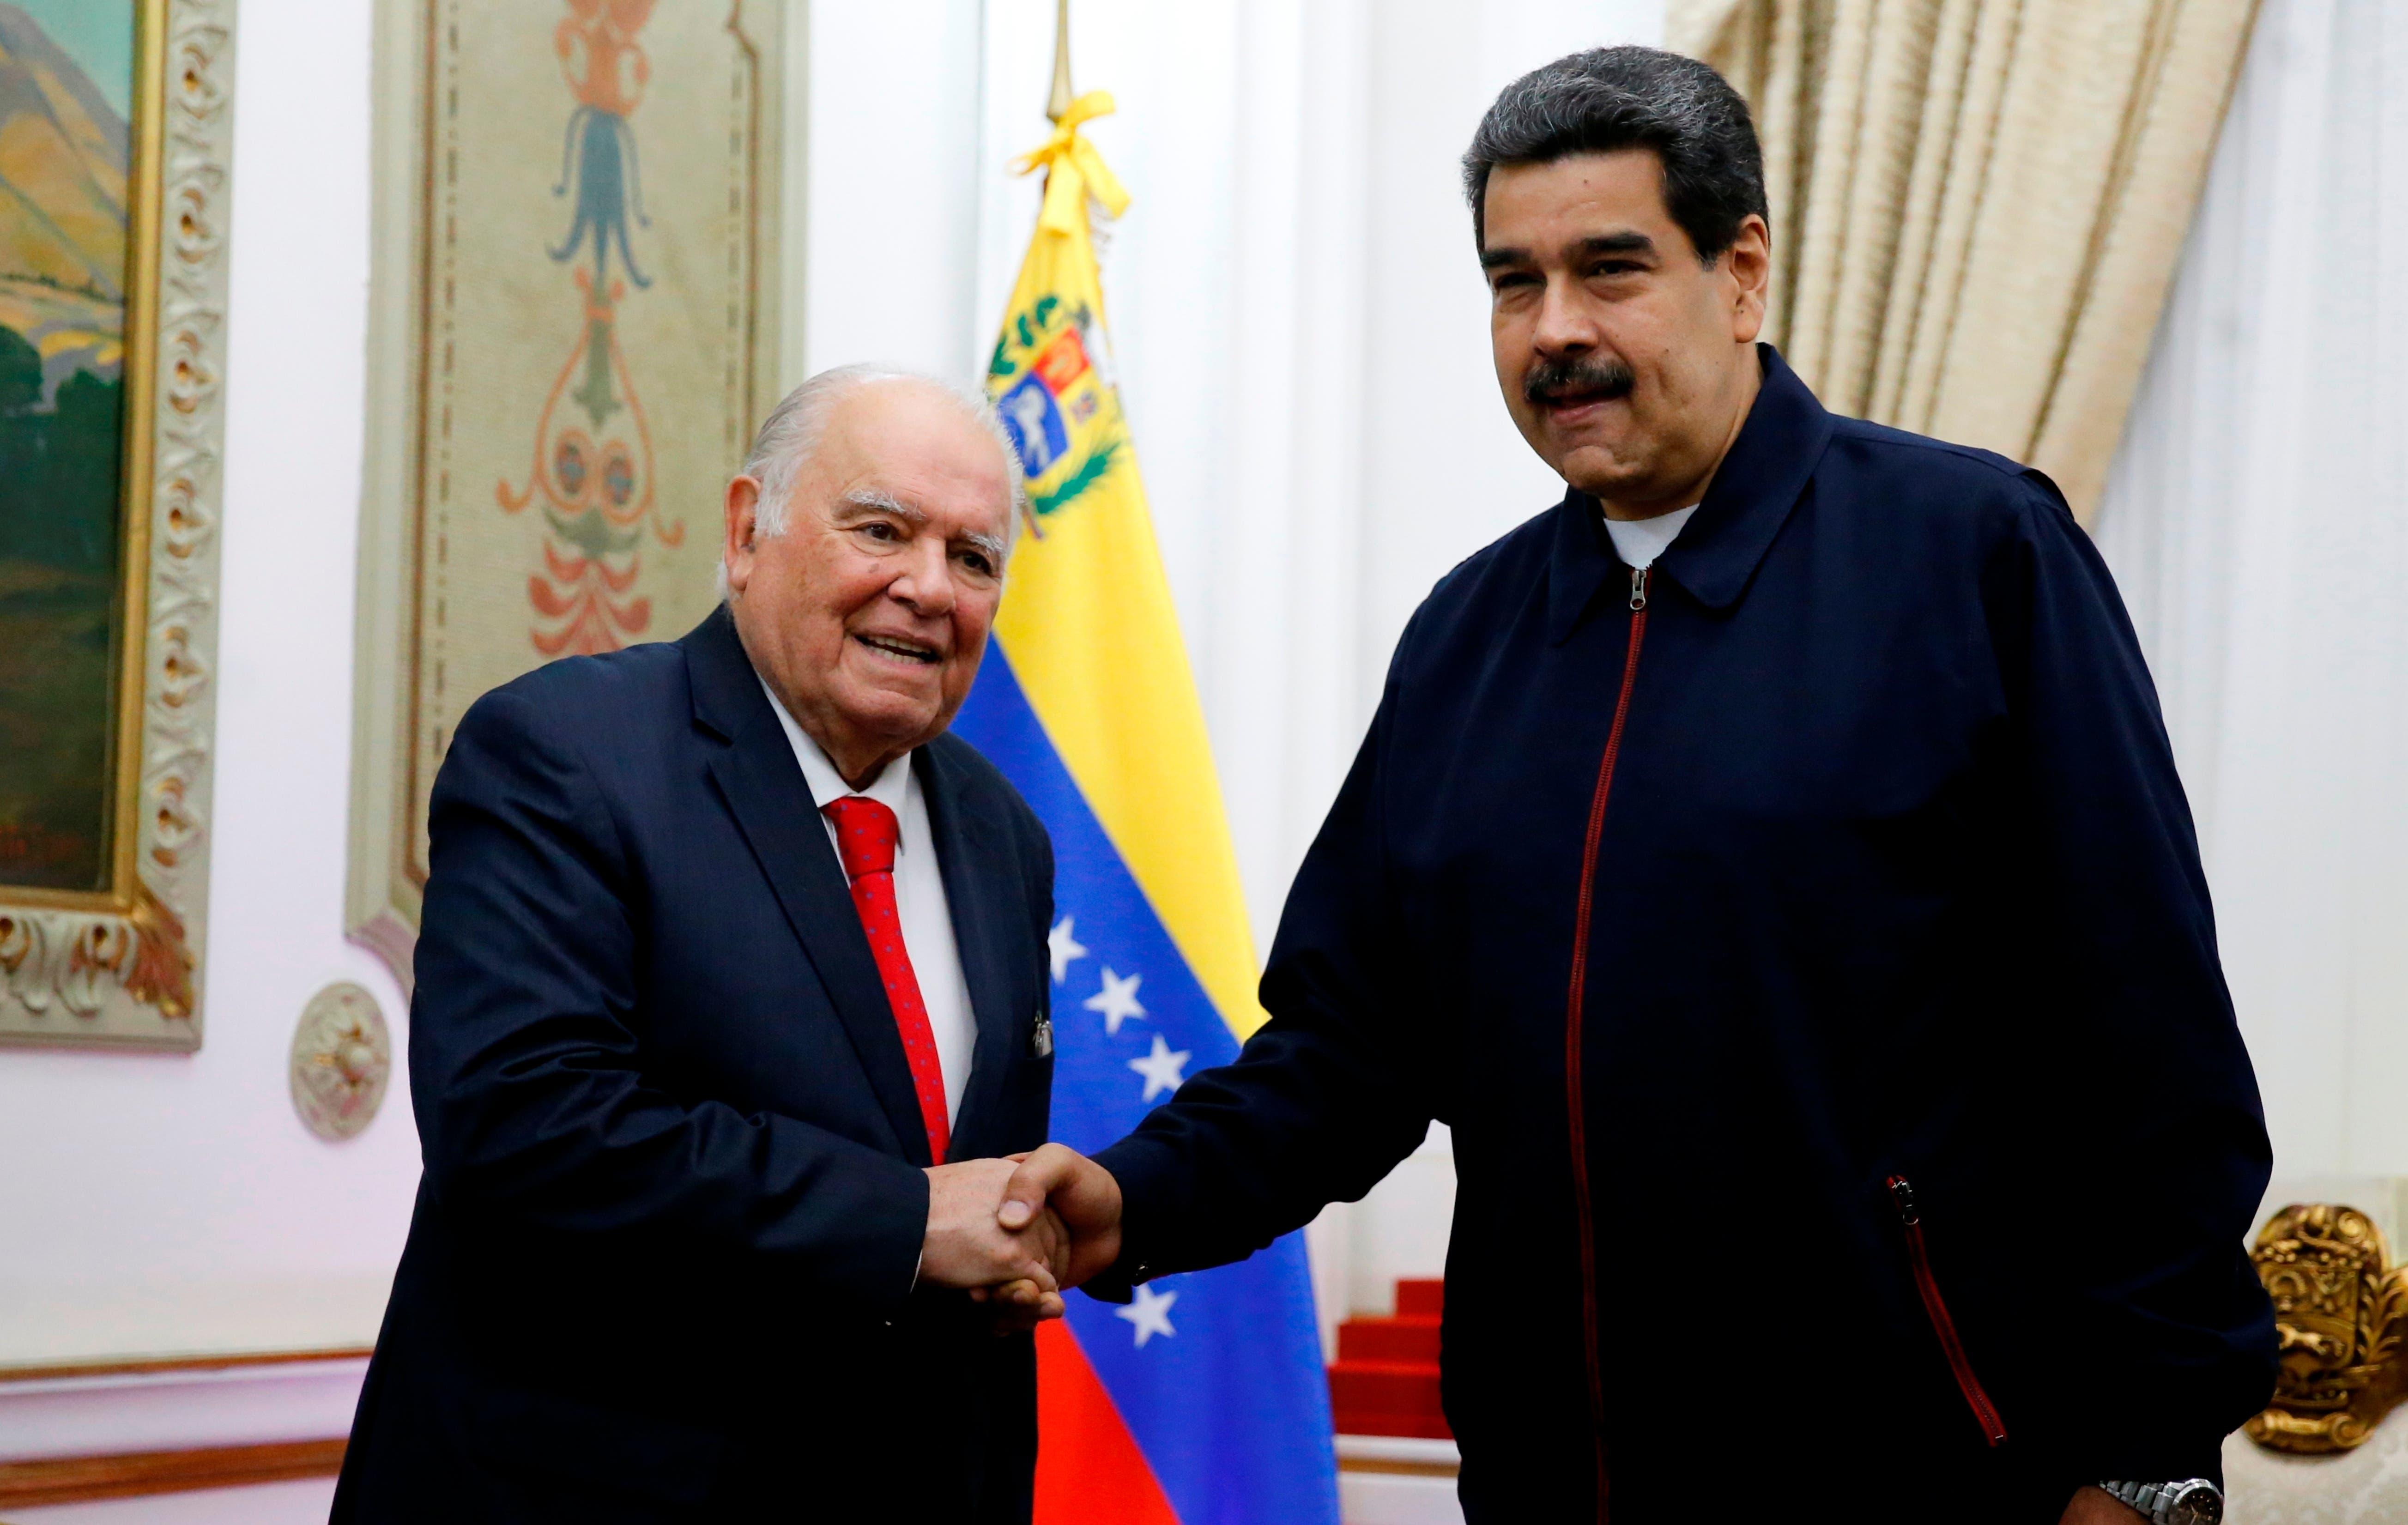 Enrique Iglesias y Nicolás Maduro se reunieron este martes.AP